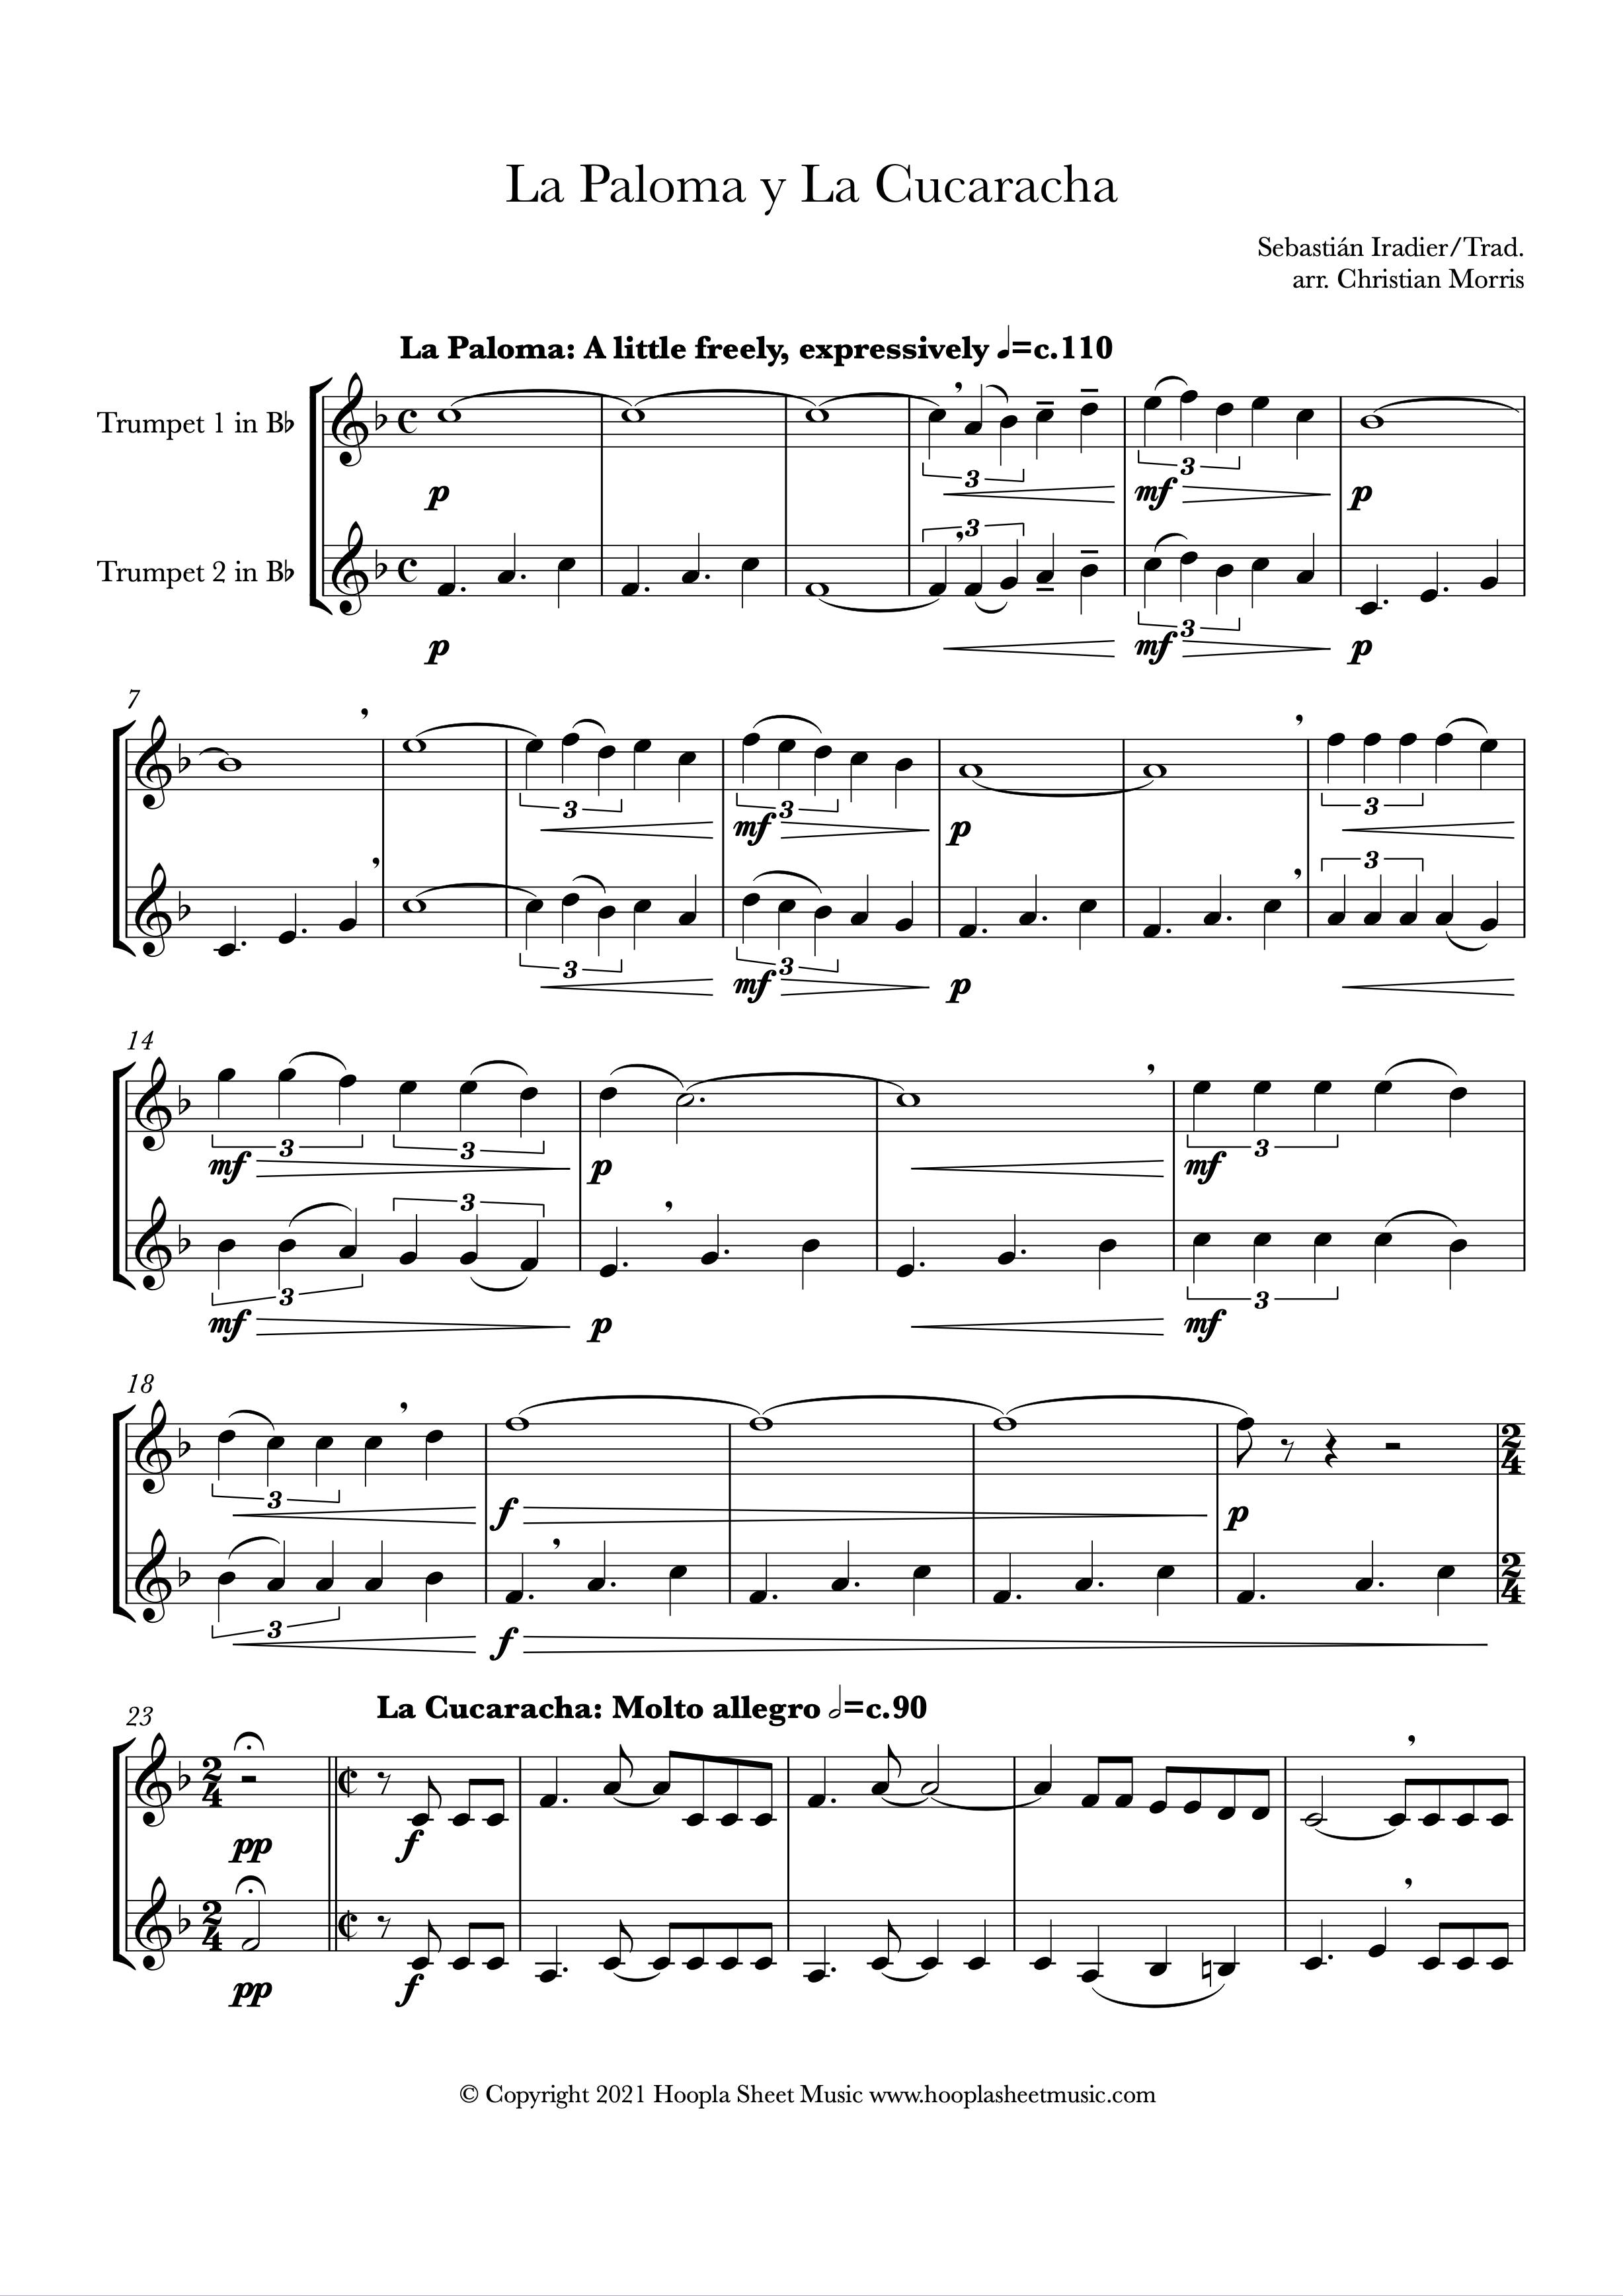 La Paloma y La Cucaracha (Trumpet Duet)